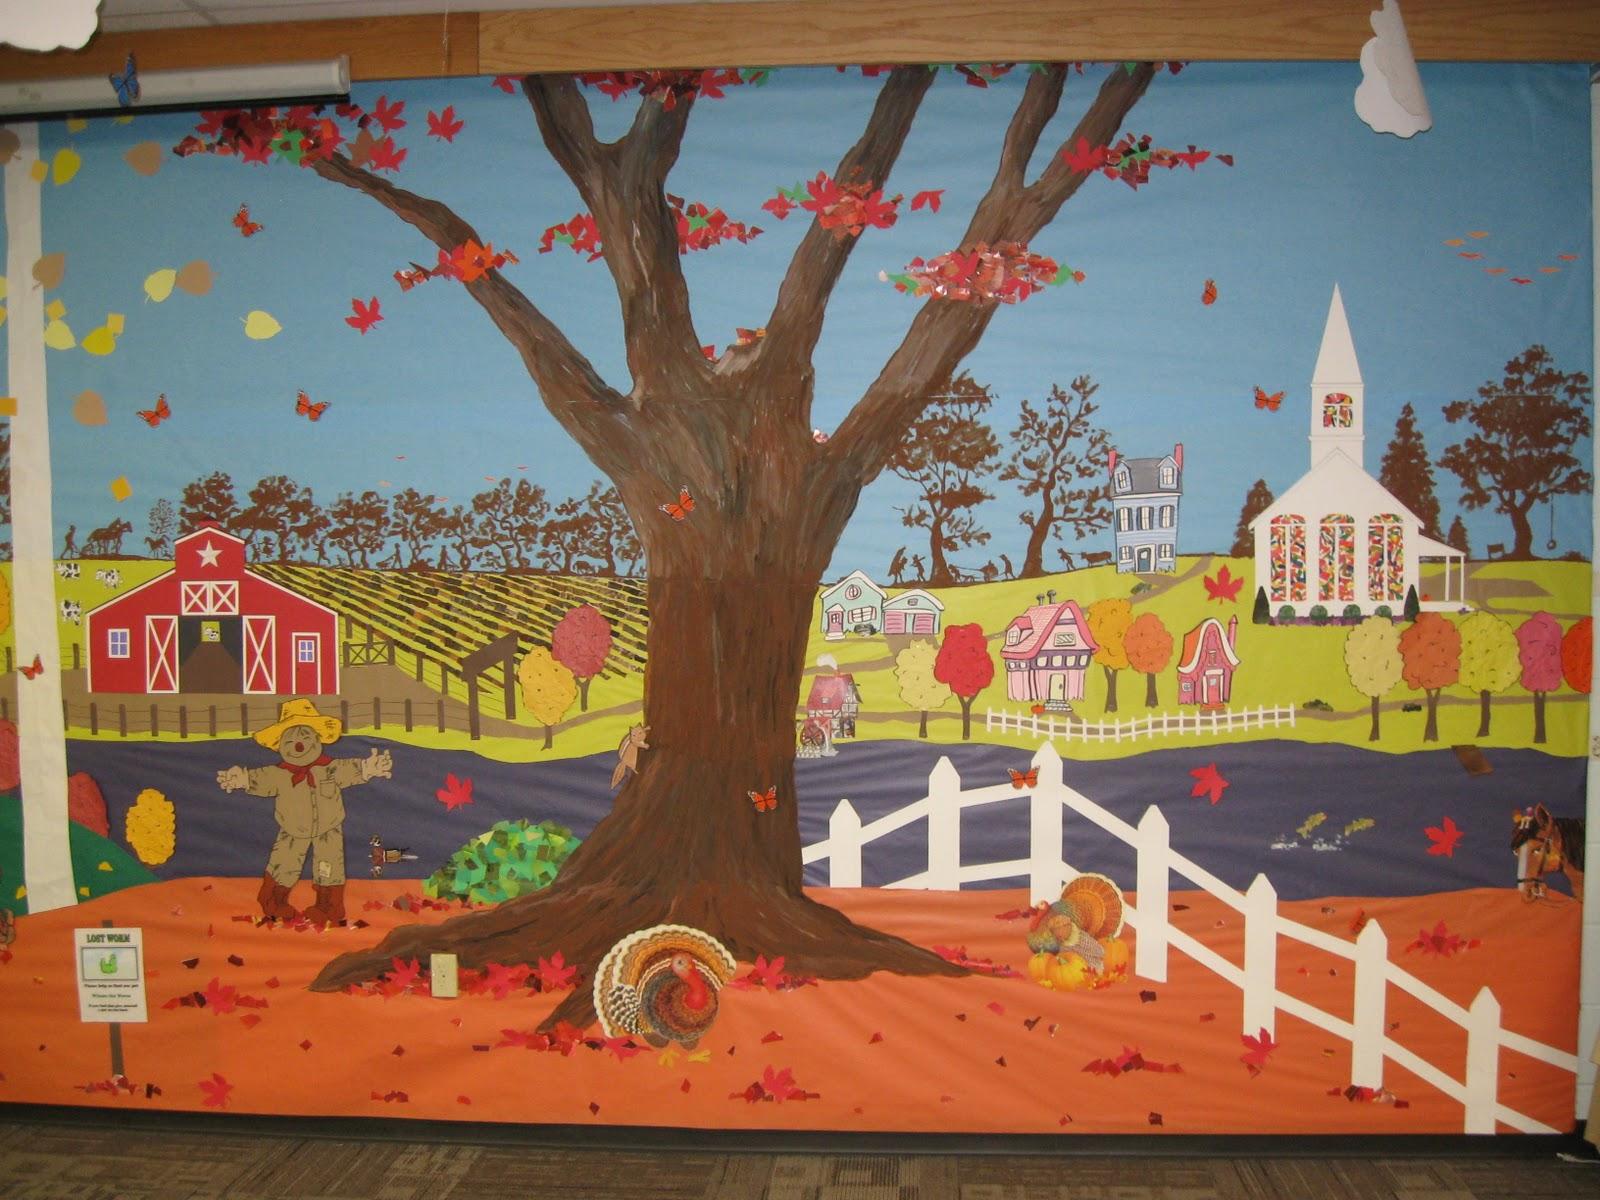 10 Lovable Fall Preschool Bulletin Board Ideas autumn classroom bulletin board ideas 1 2020